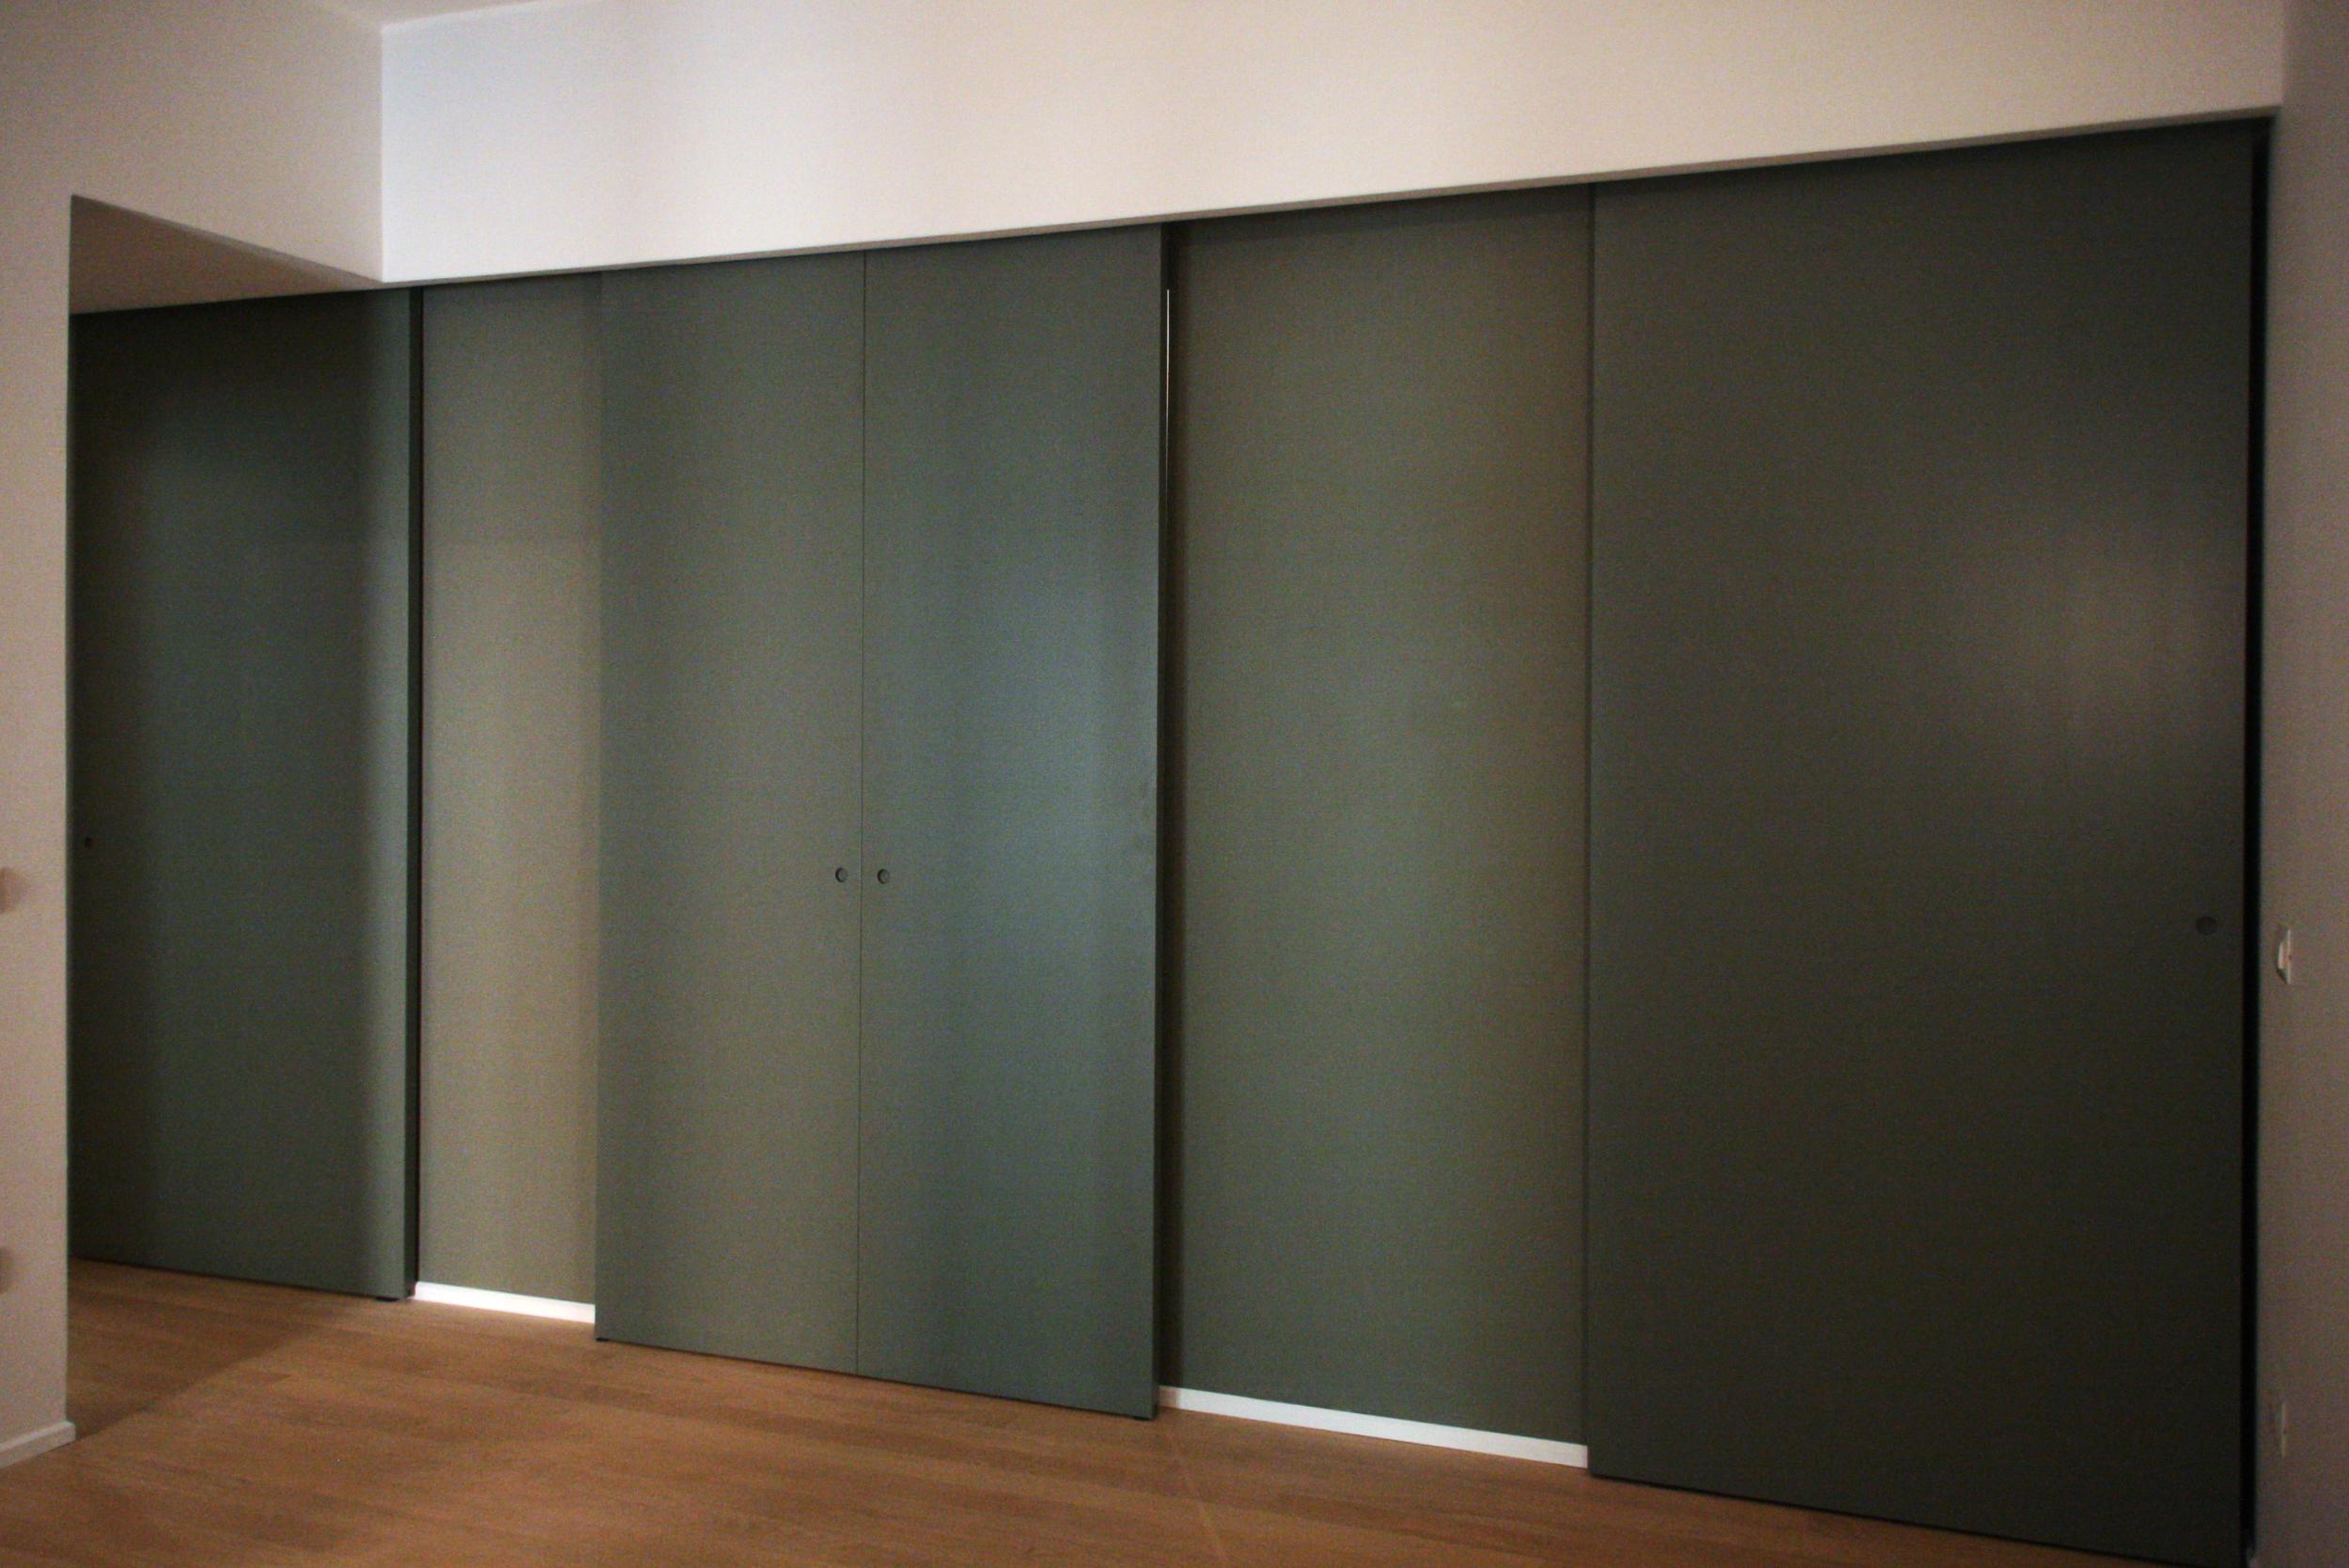 Il sistema di porte scorrevoli che separa la zona living da ingresso e cucina.